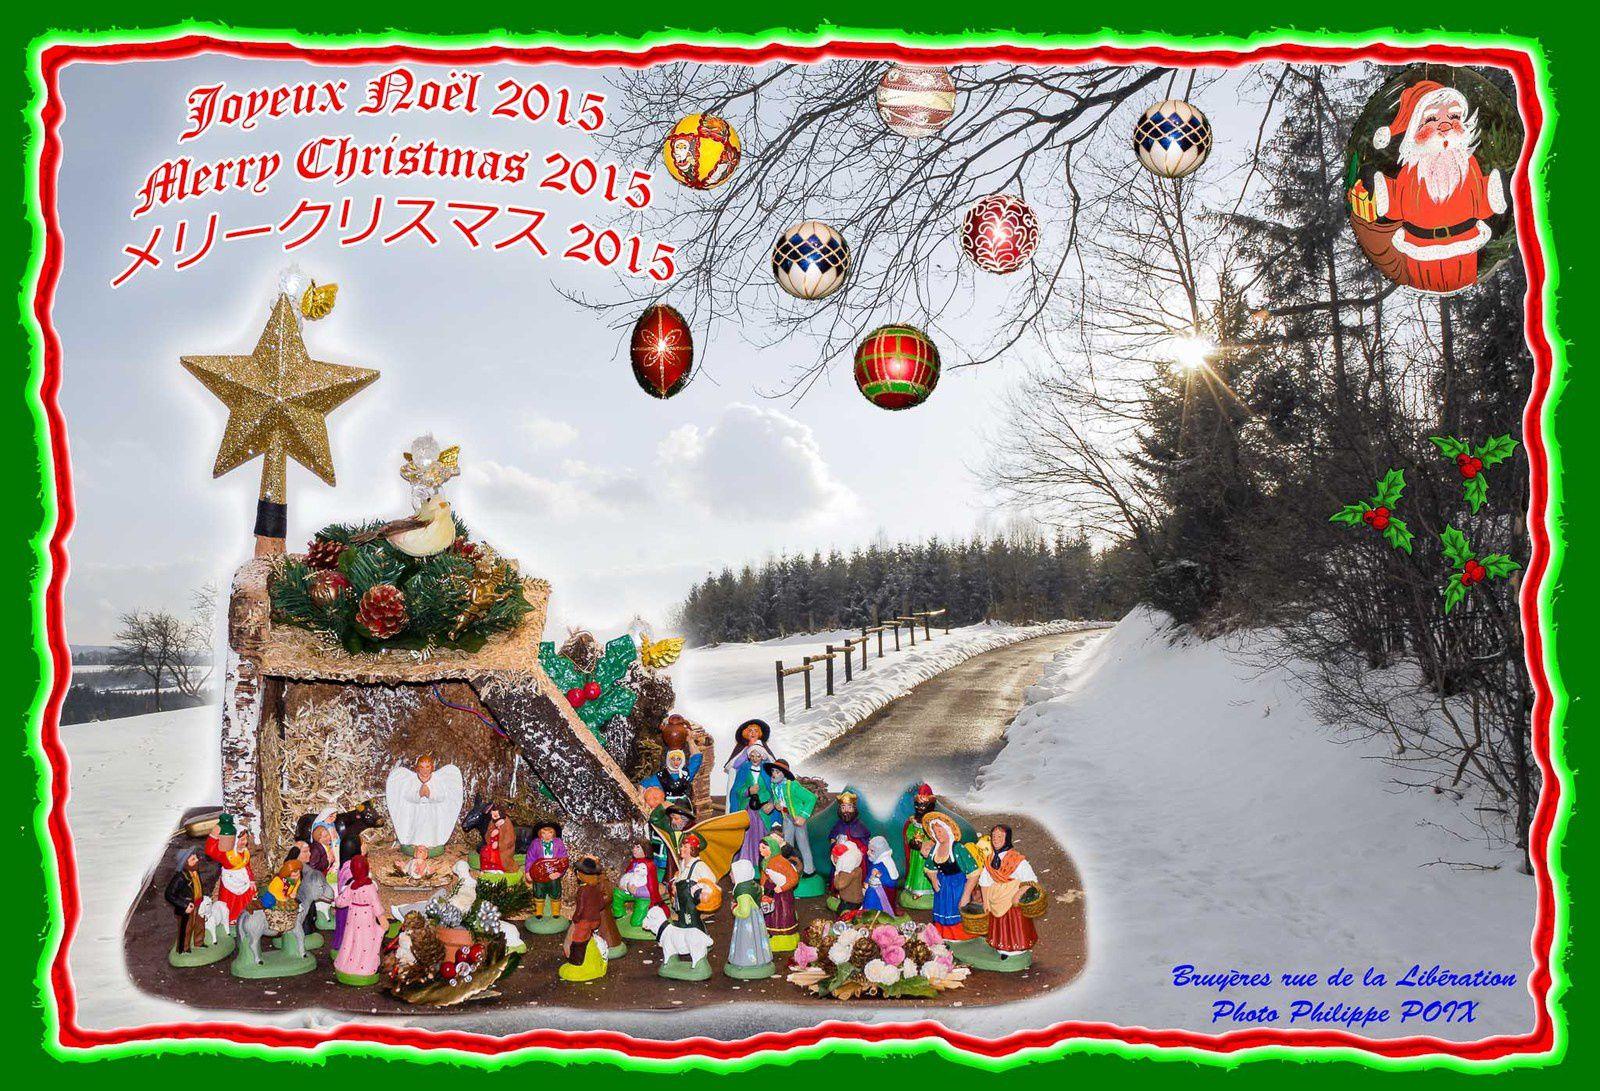 Joyeux Noël 2015 à tous les visiteurs de BRUYÈRES-VOSGES